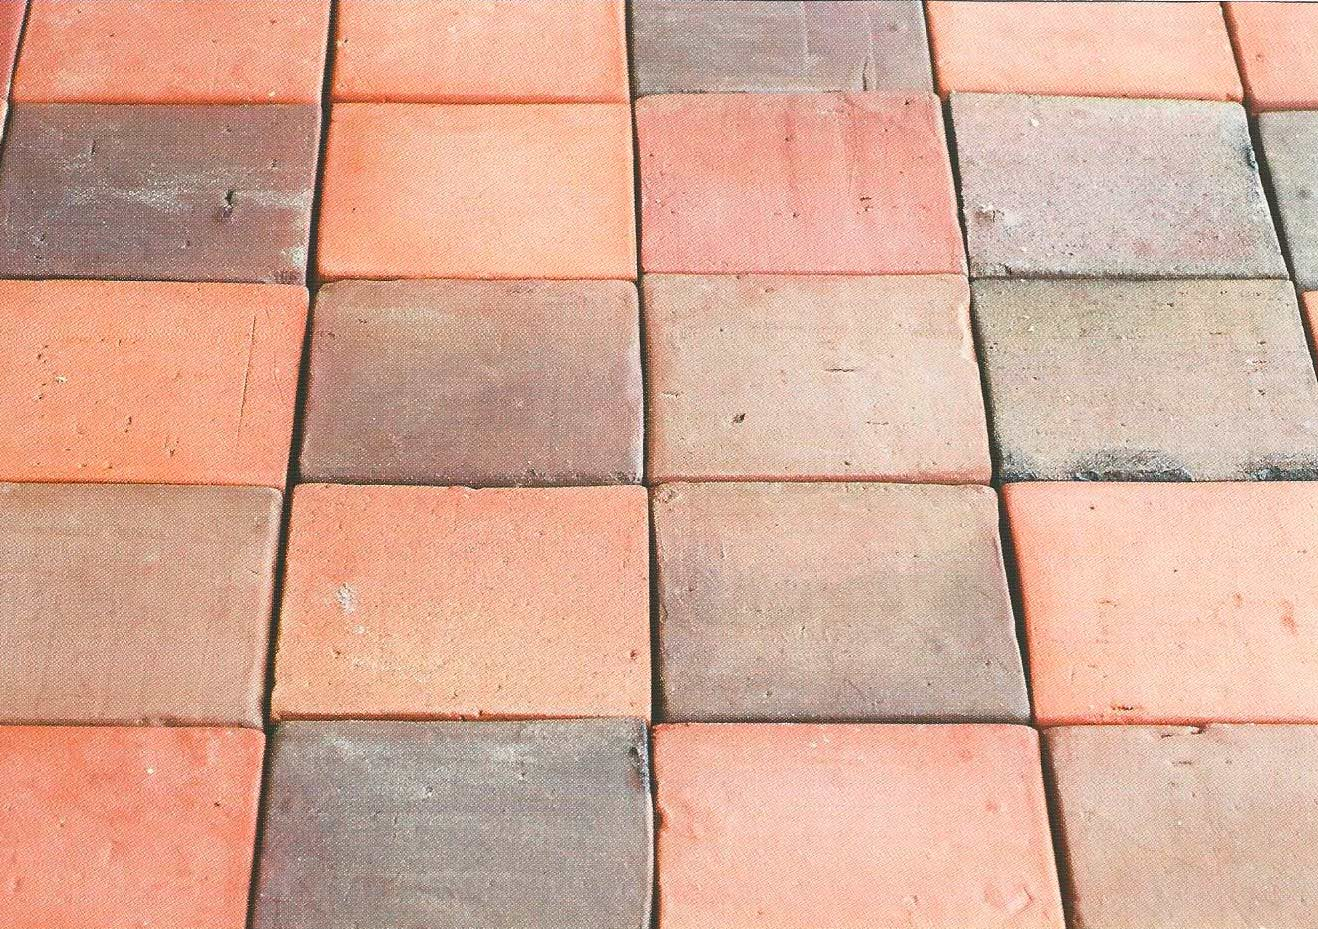 Fußboden Platten ~ Fußbodenplatten uni keramik gbr